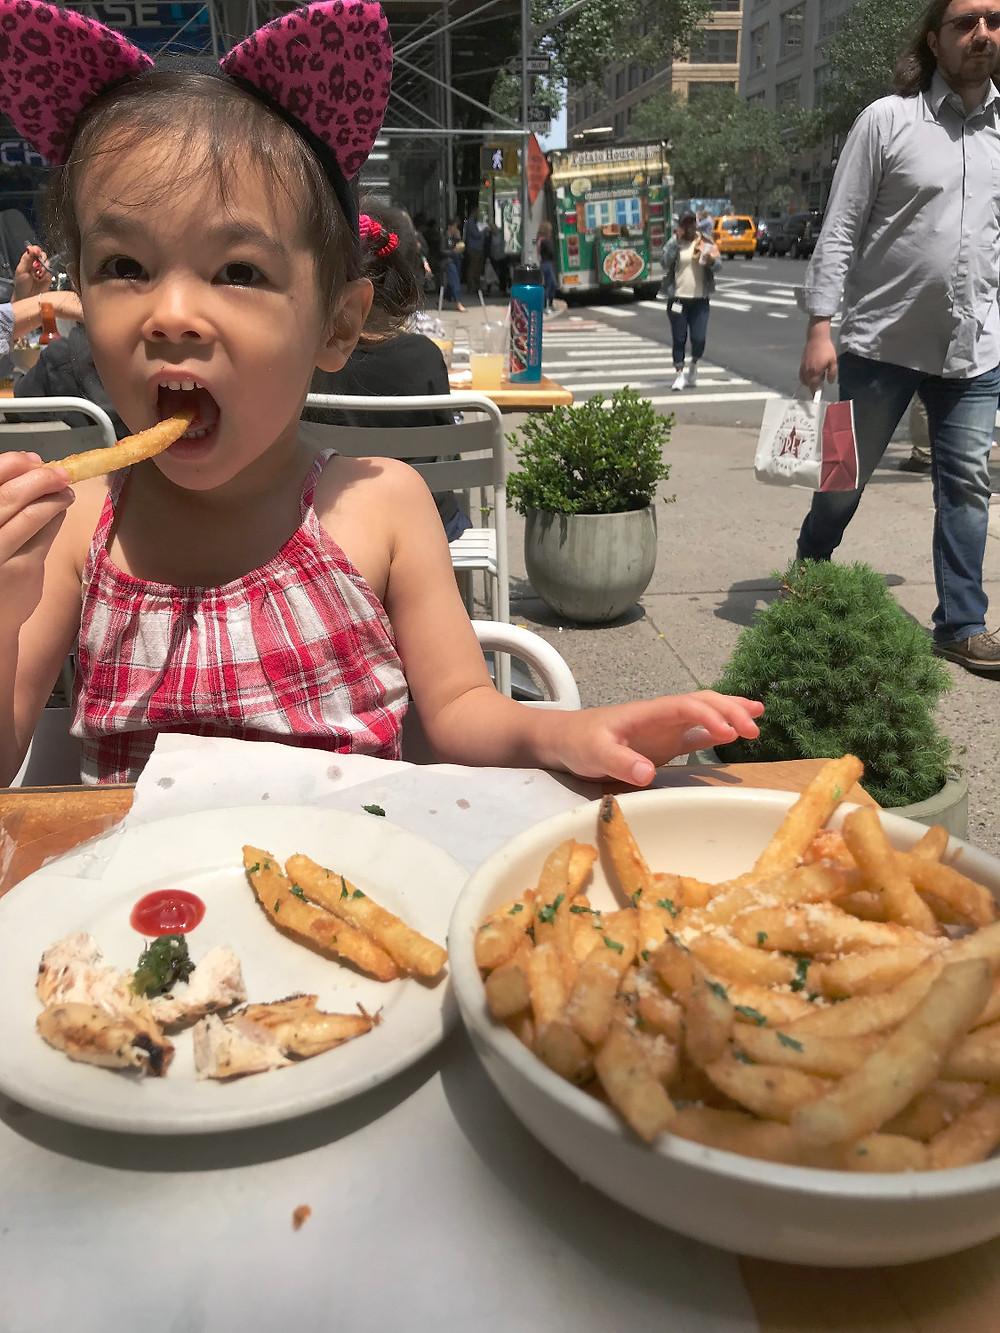 westville, nyc kids, nyc summer, summer break, kid friendly restaurants, kid friendly dining